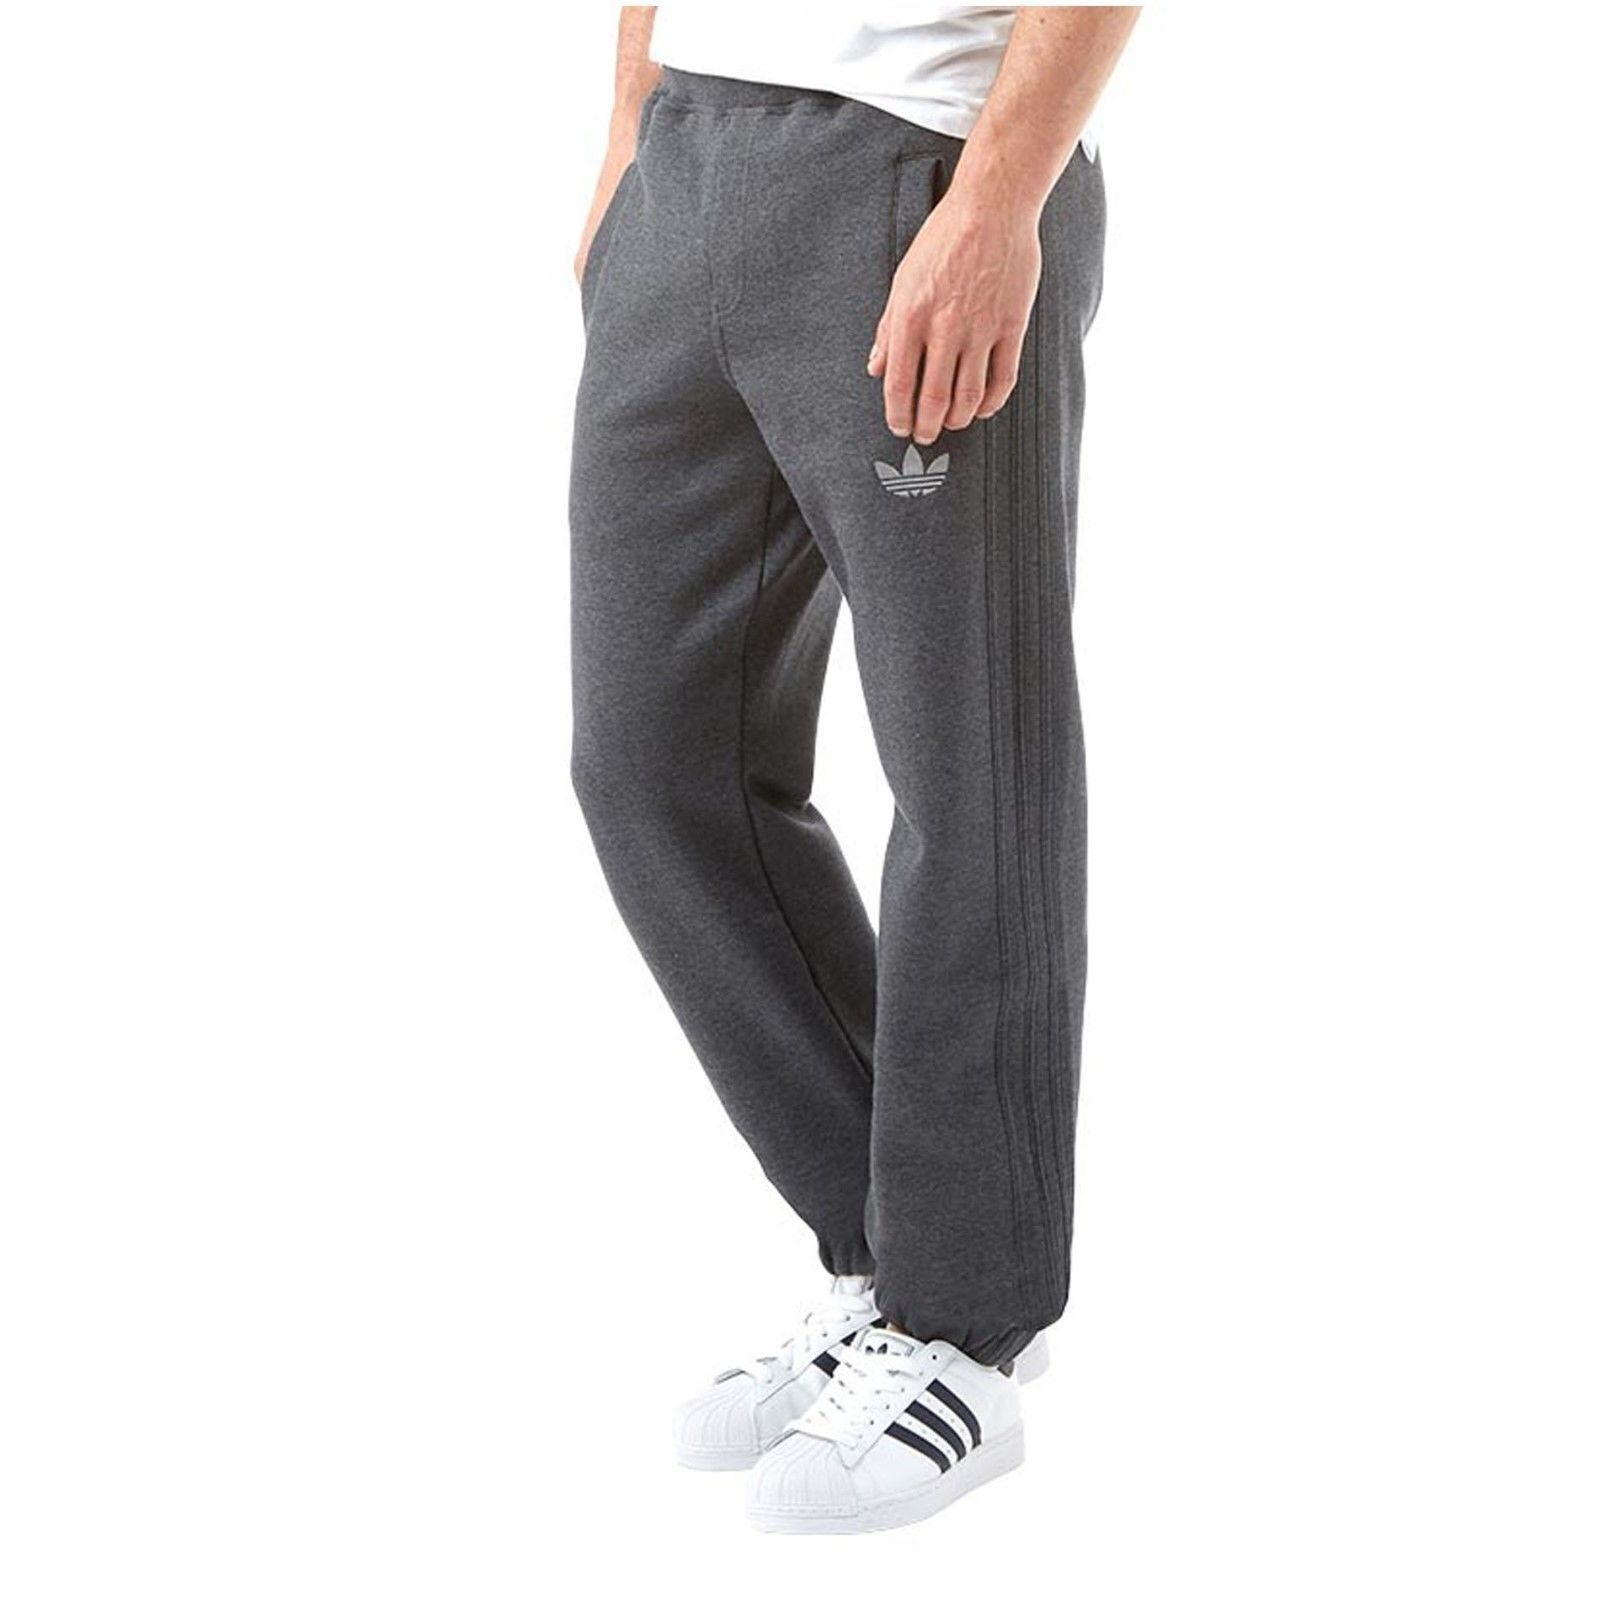 d0c2edff3c Details about ✅24hr DELIVERY✅ ADIDAS Men's SPO Sweat pants Fleece Track  Bottoms Joggers rrp£45